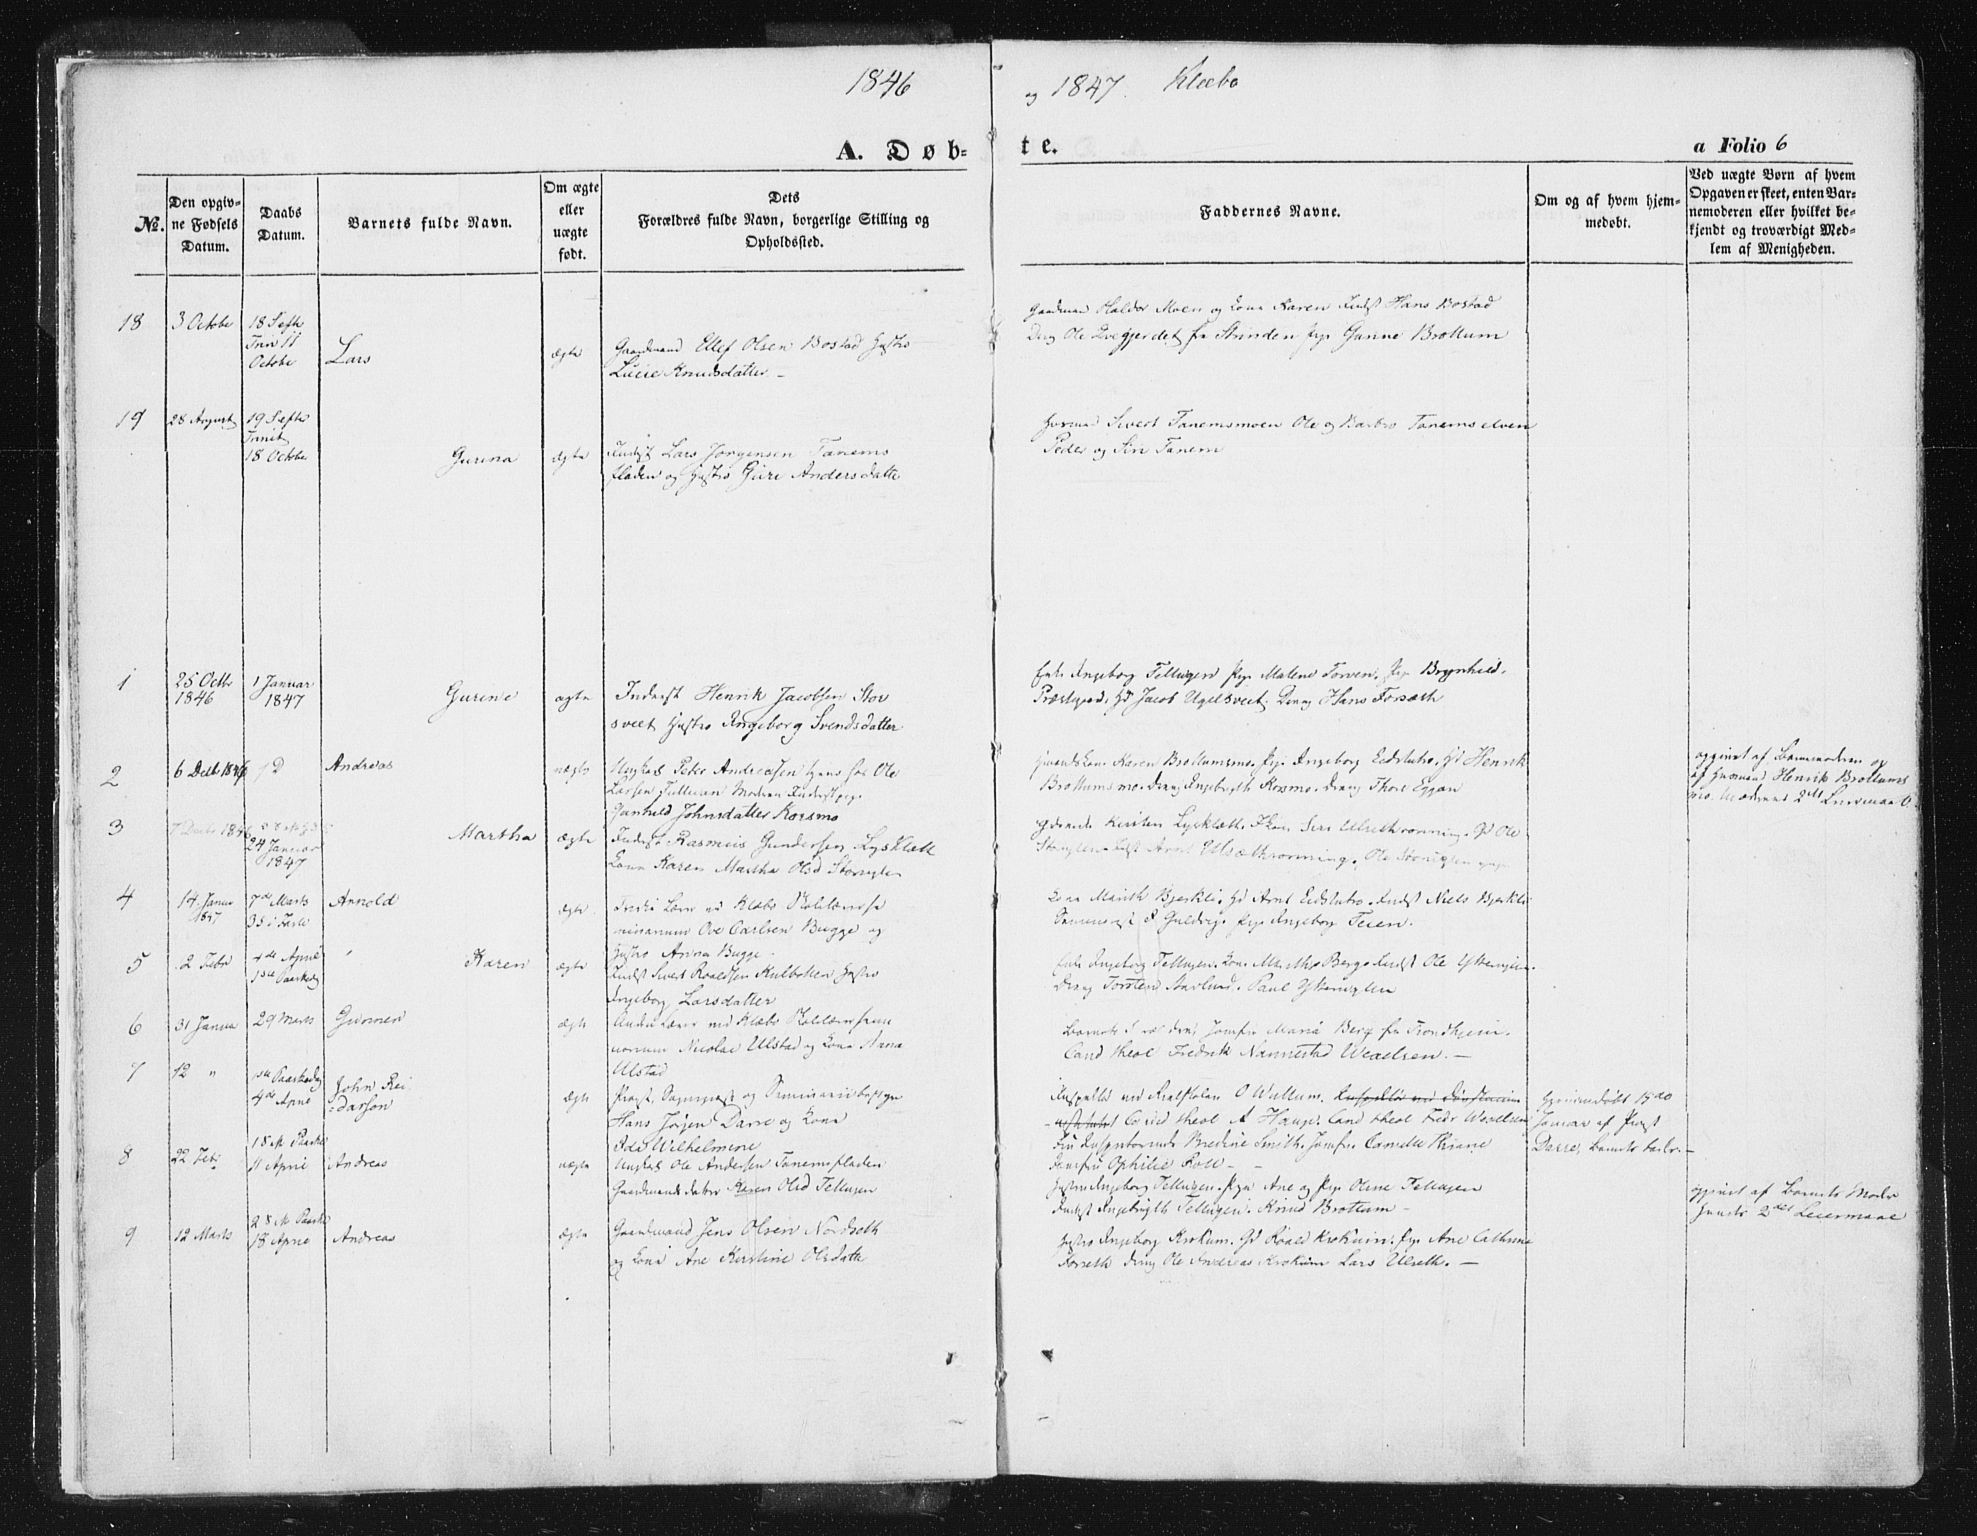 SAT, Ministerialprotokoller, klokkerbøker og fødselsregistre - Sør-Trøndelag, 618/L0441: Ministerialbok nr. 618A05, 1843-1862, s. 6